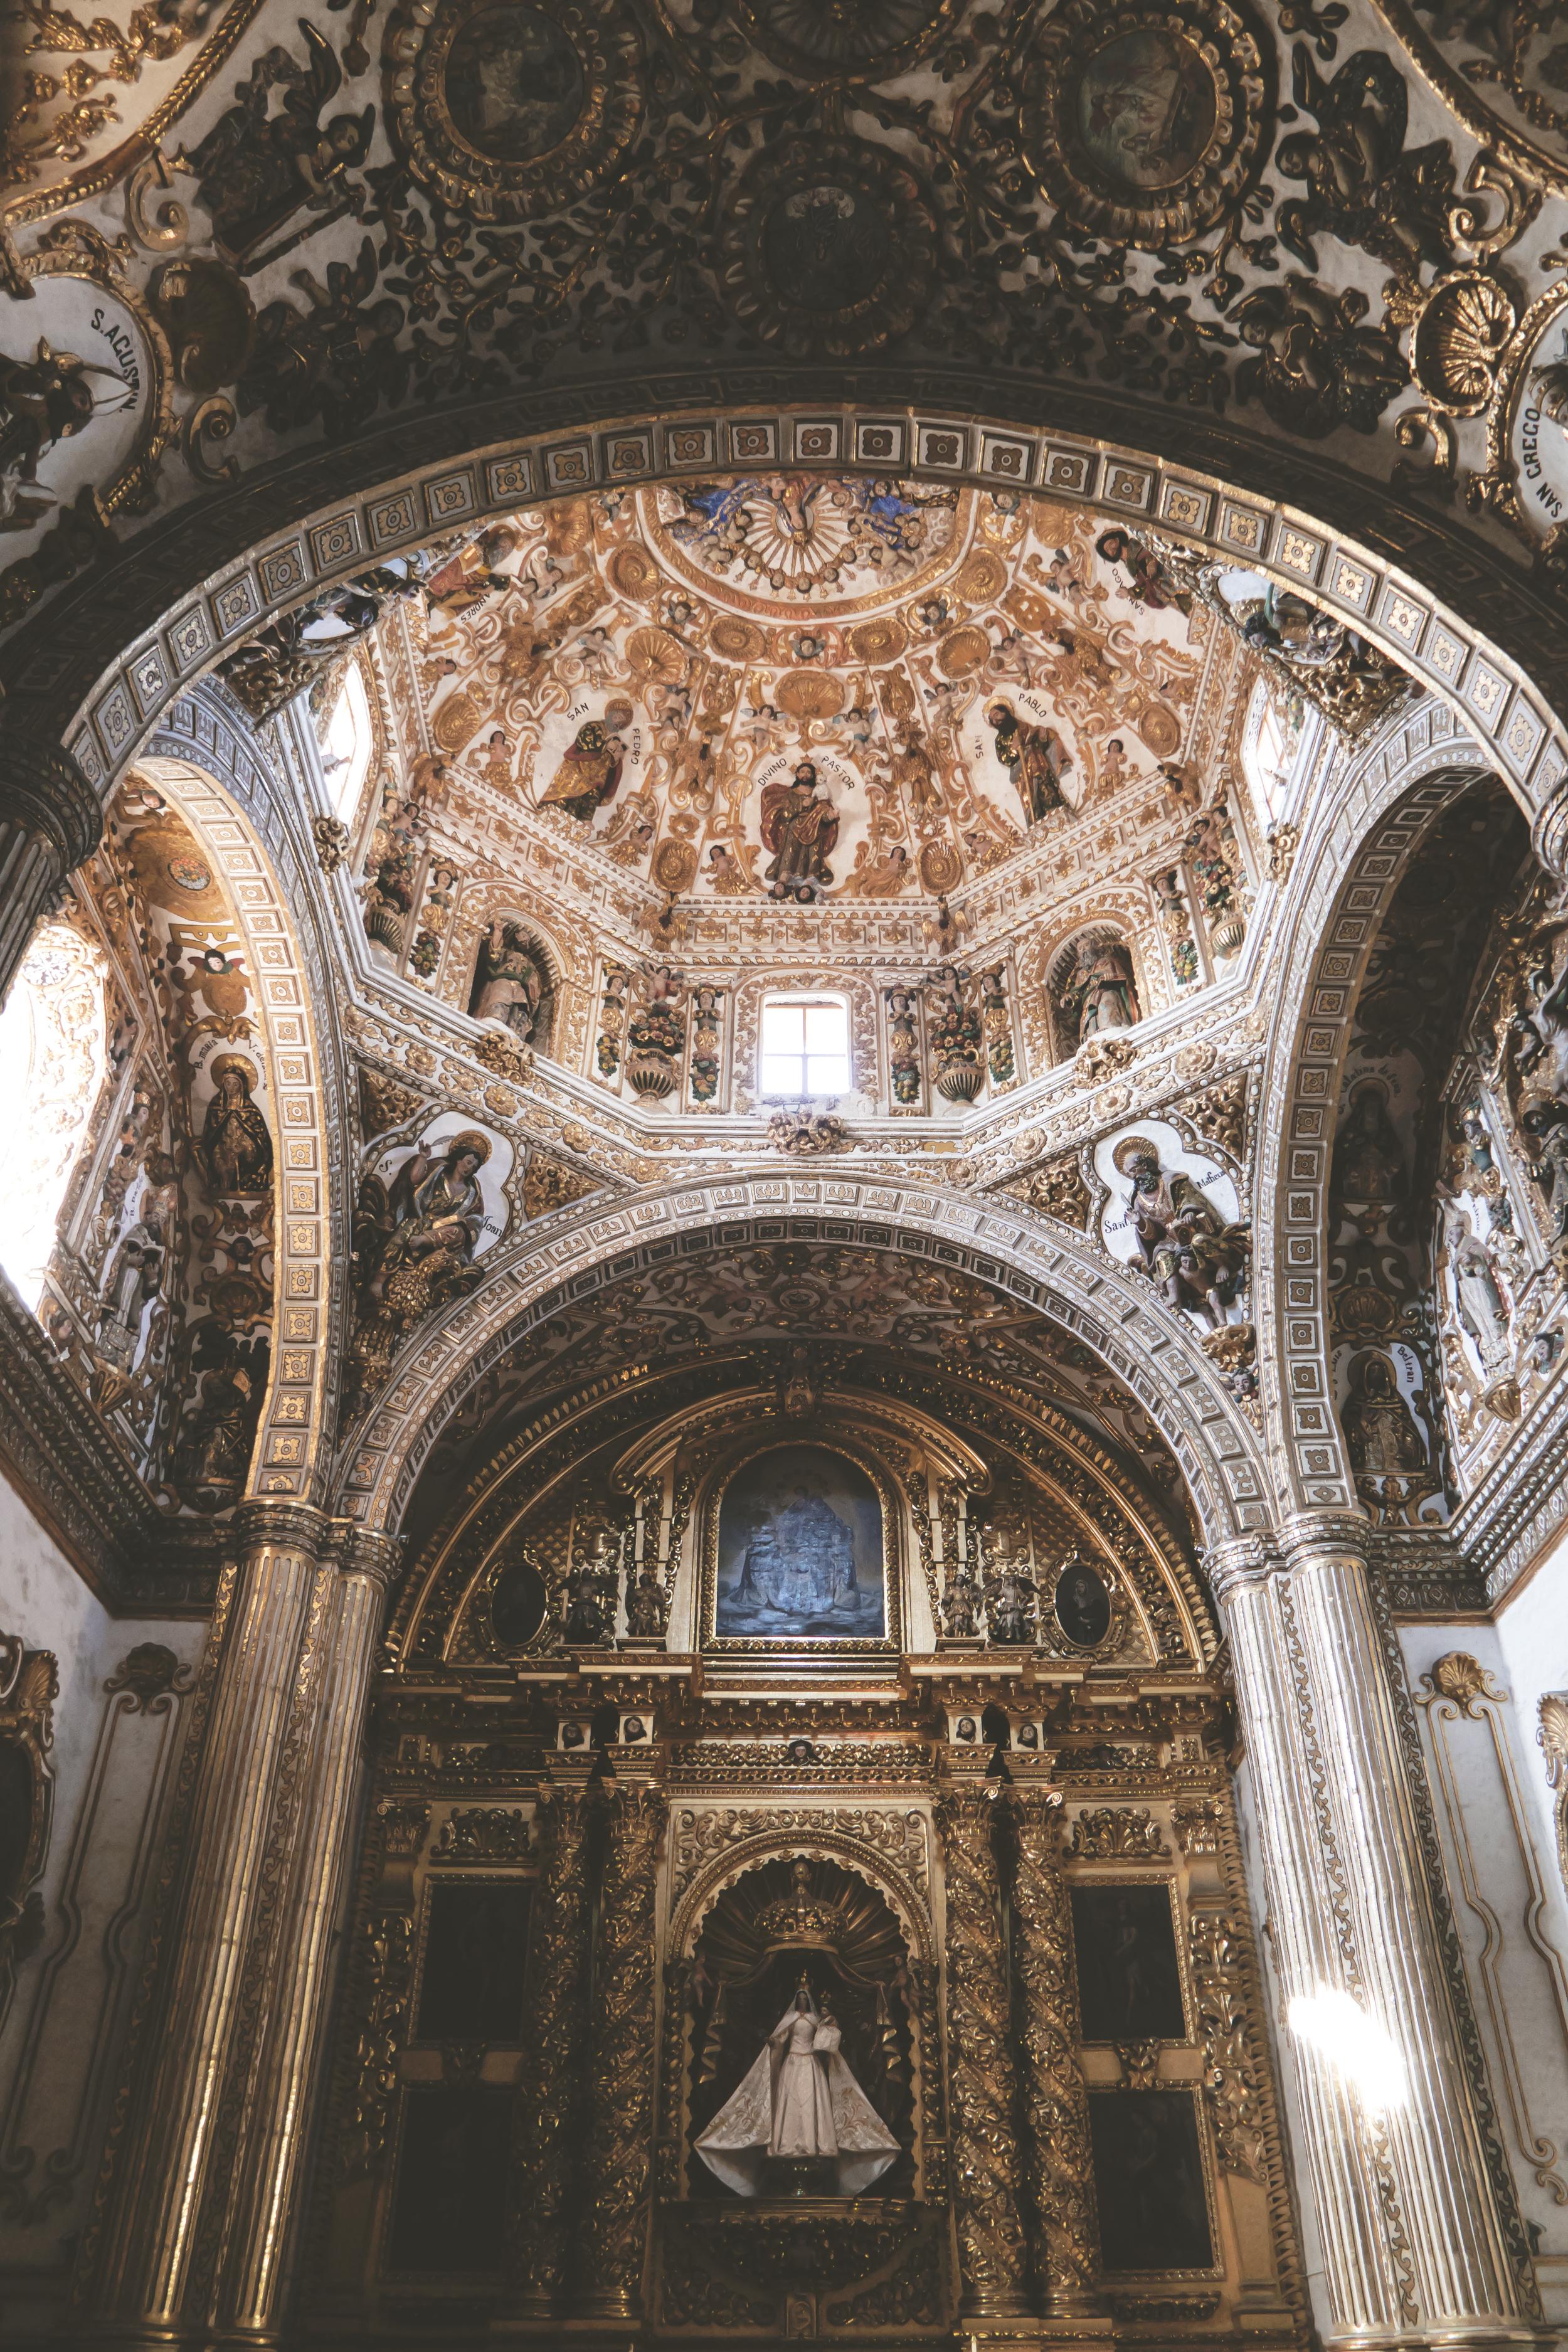 Templo de Santo Domingo, arquitectura barroca novohispana.